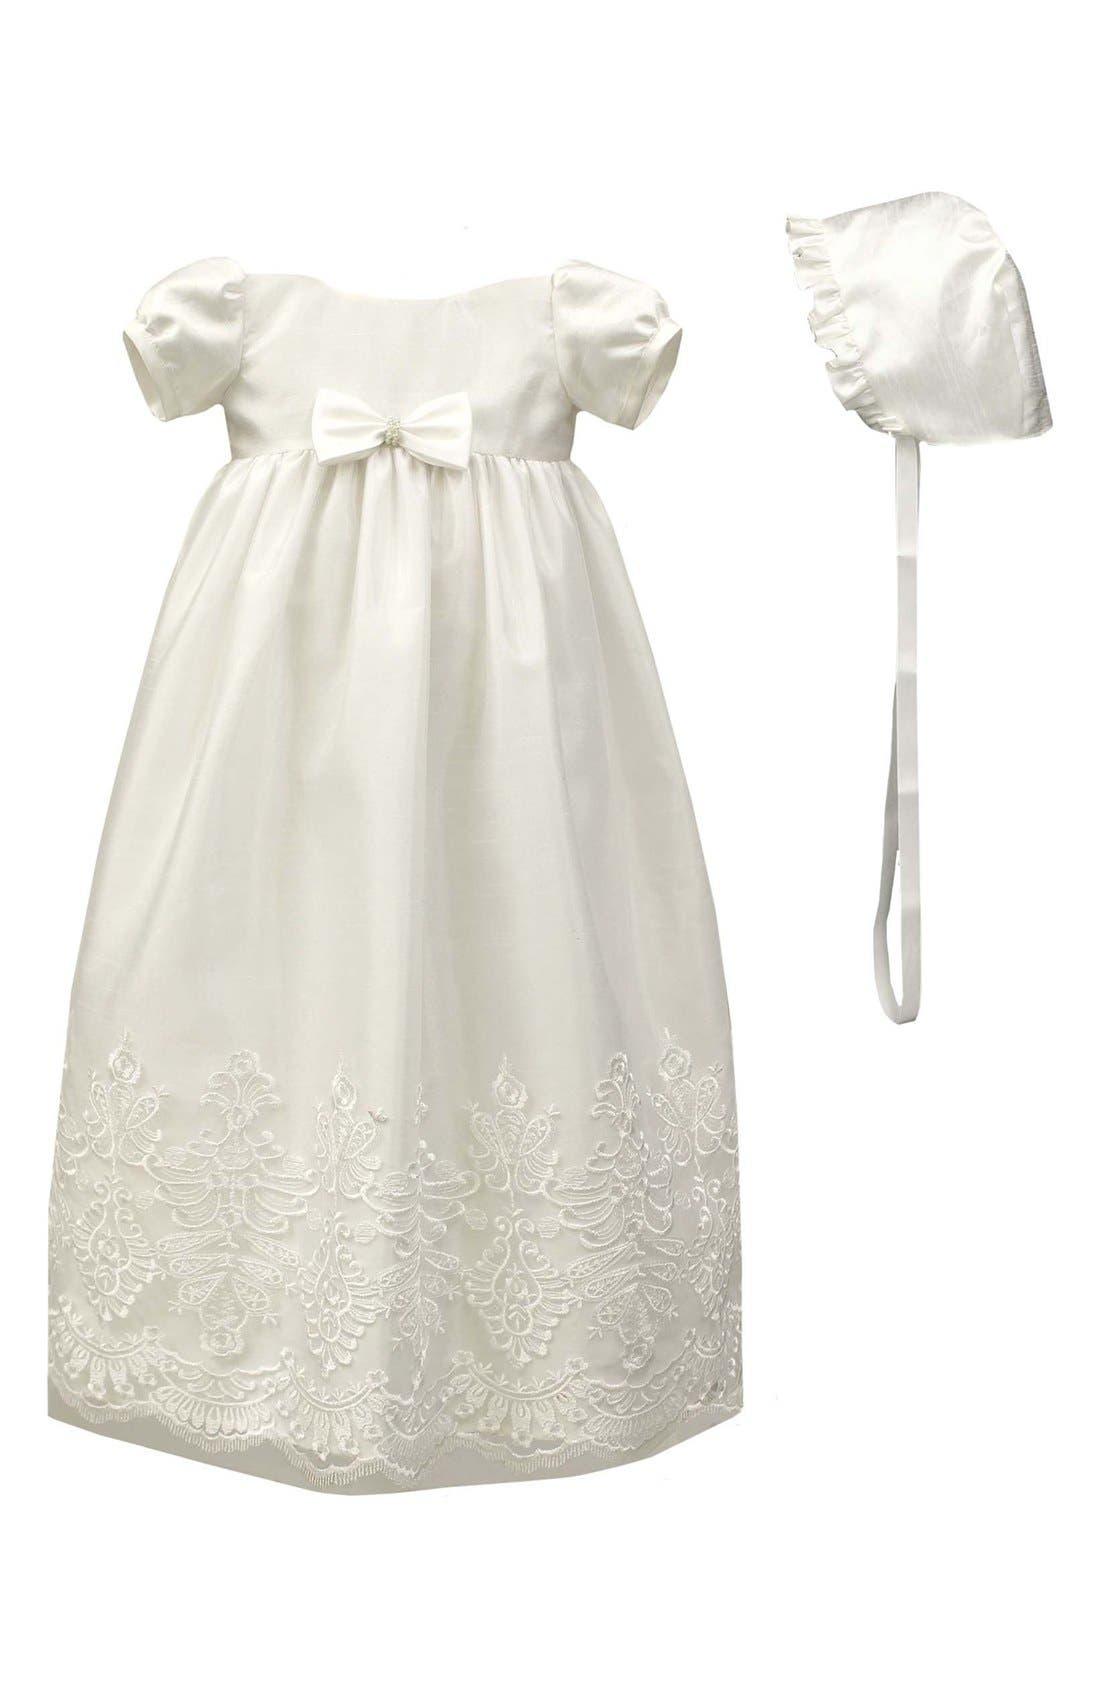 C.I. CASTRO & CO. Christening Gown & Bonnet Set